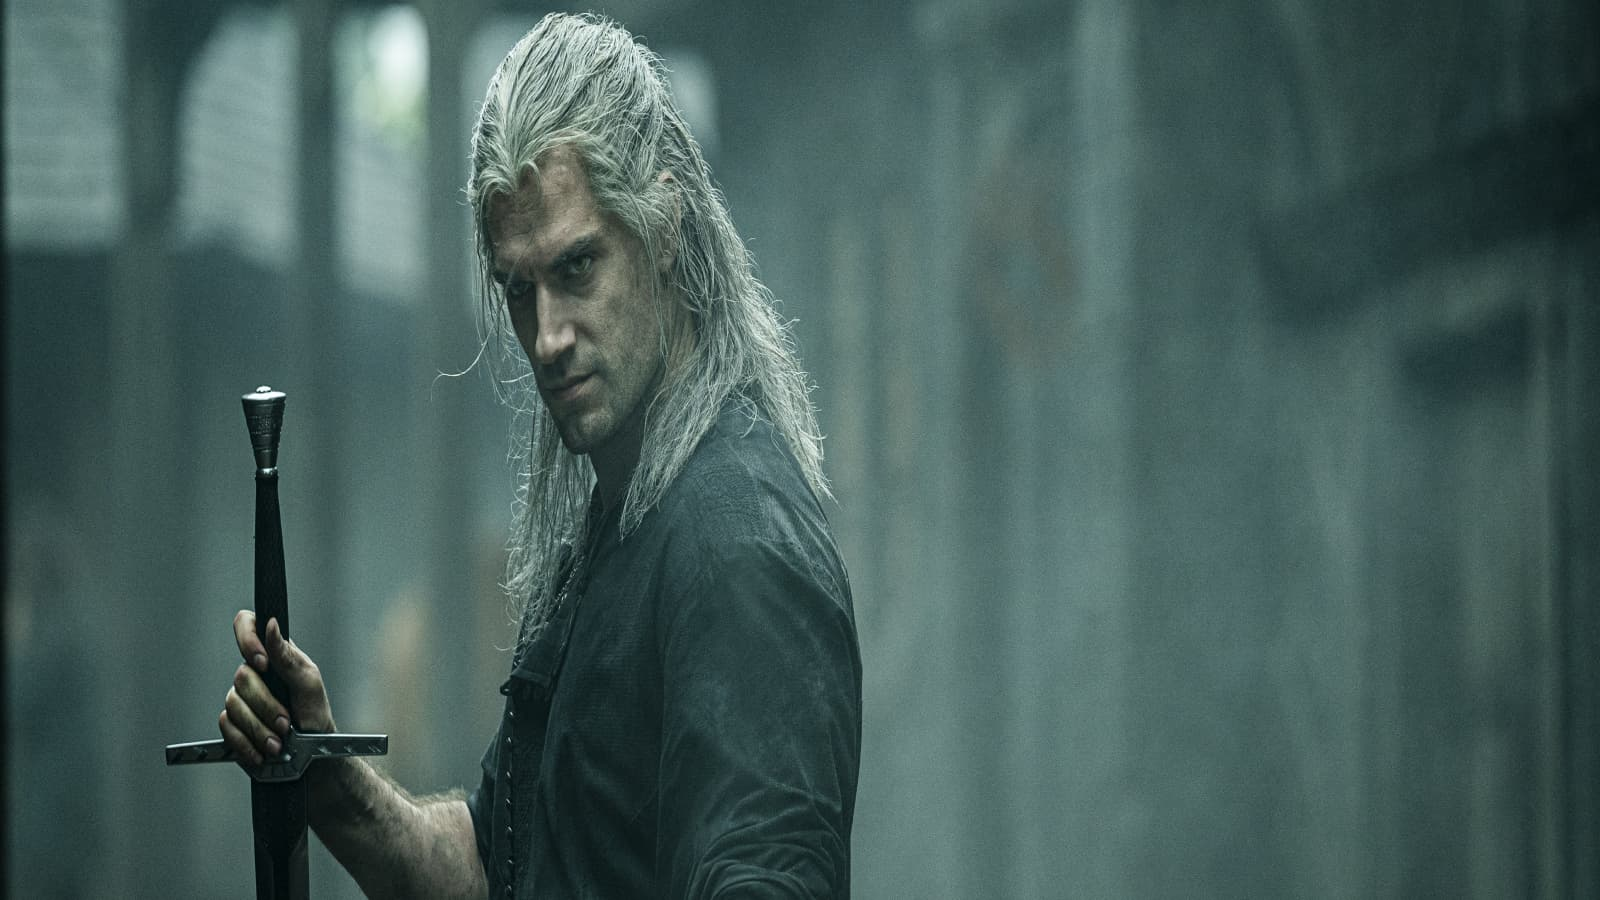 Affrontez monstres et merveilles avec The Witcher sur Netflix